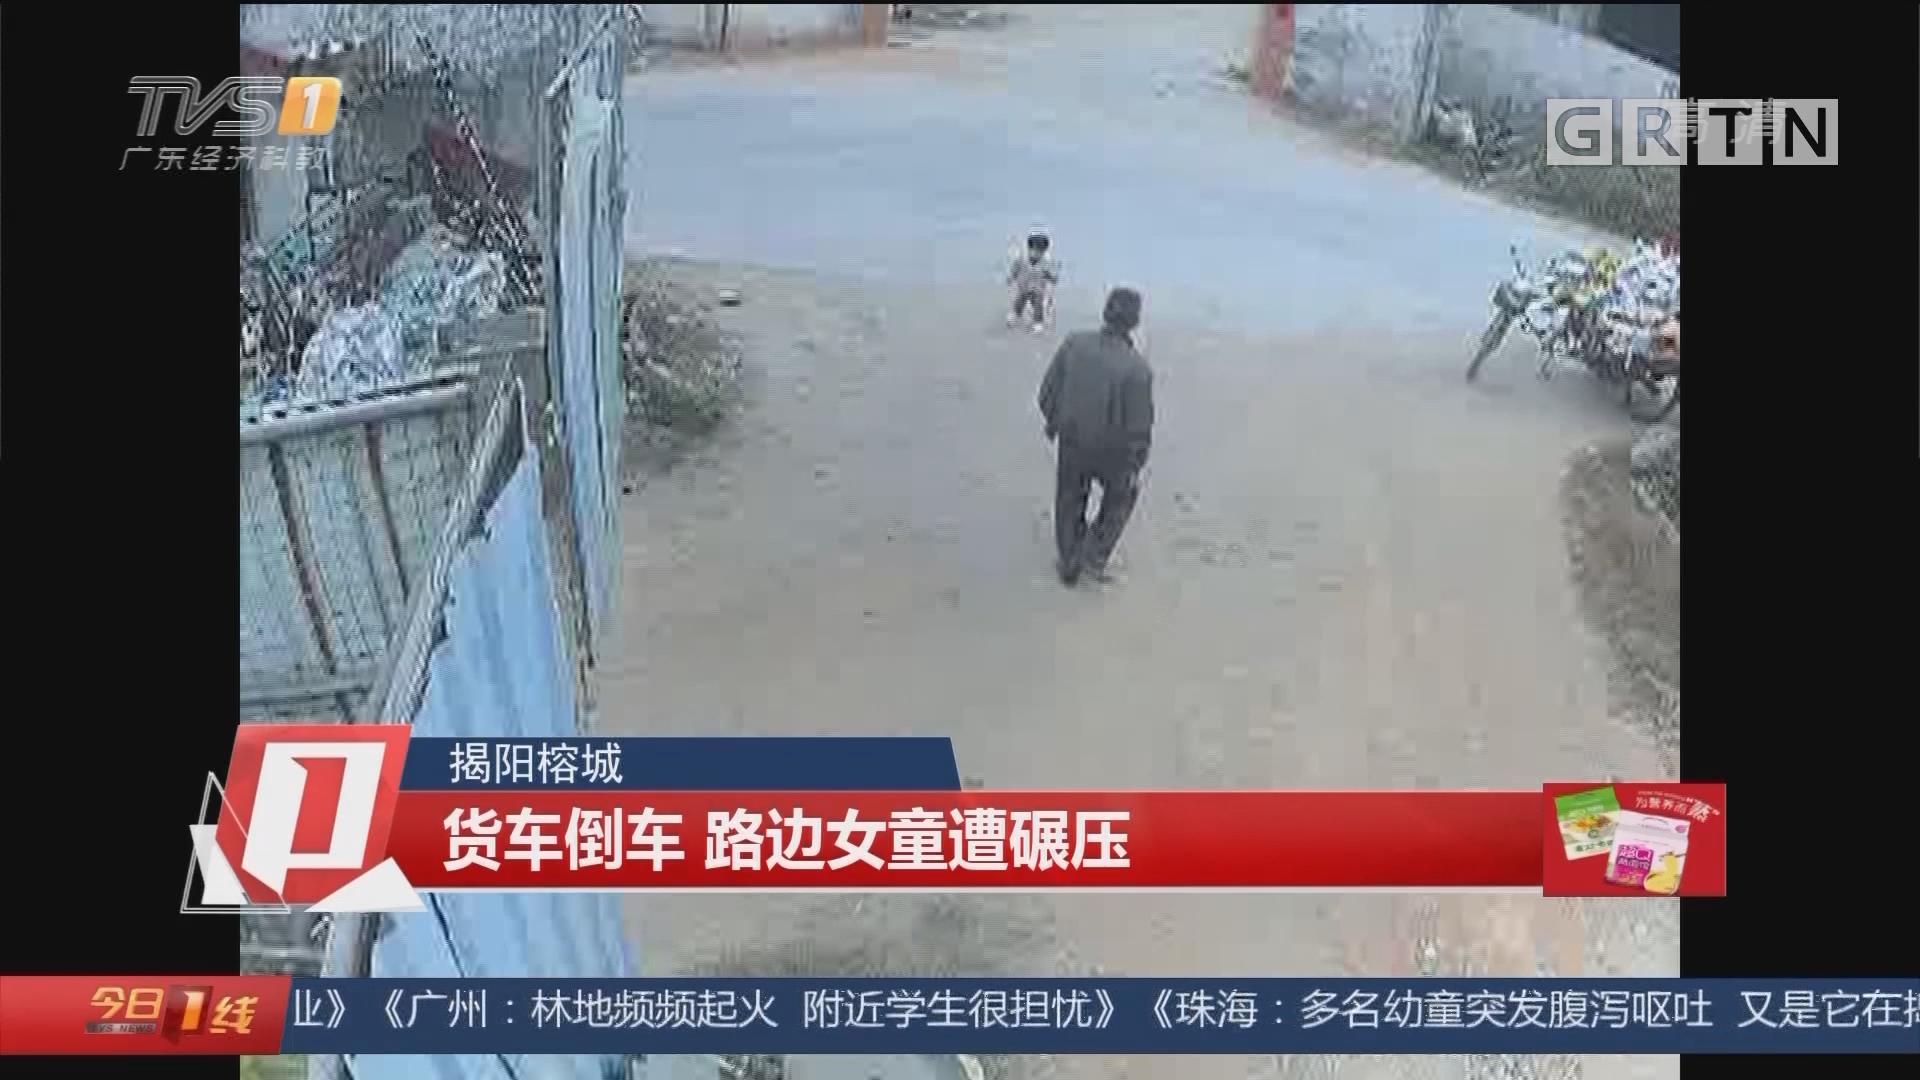 揭阳榕城 货车倒车 路边女童遭碾压